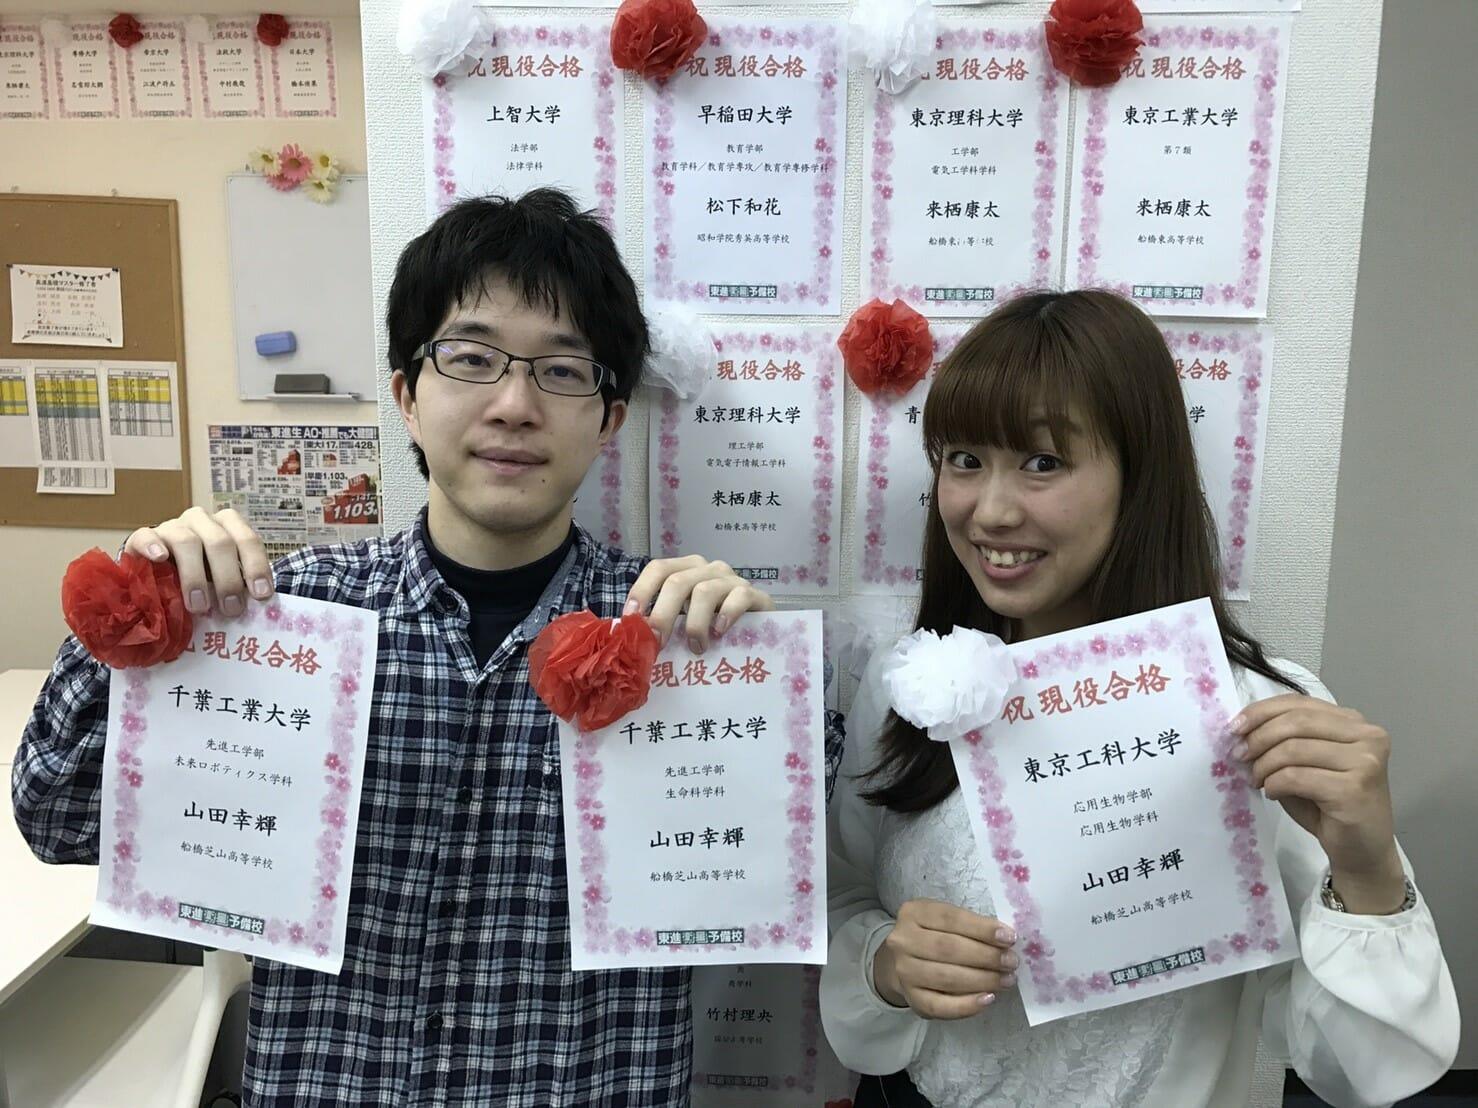 千葉 工業 大学 合格 発表 千葉工業大学の追加合格者候補者の合格発表っていつですか?